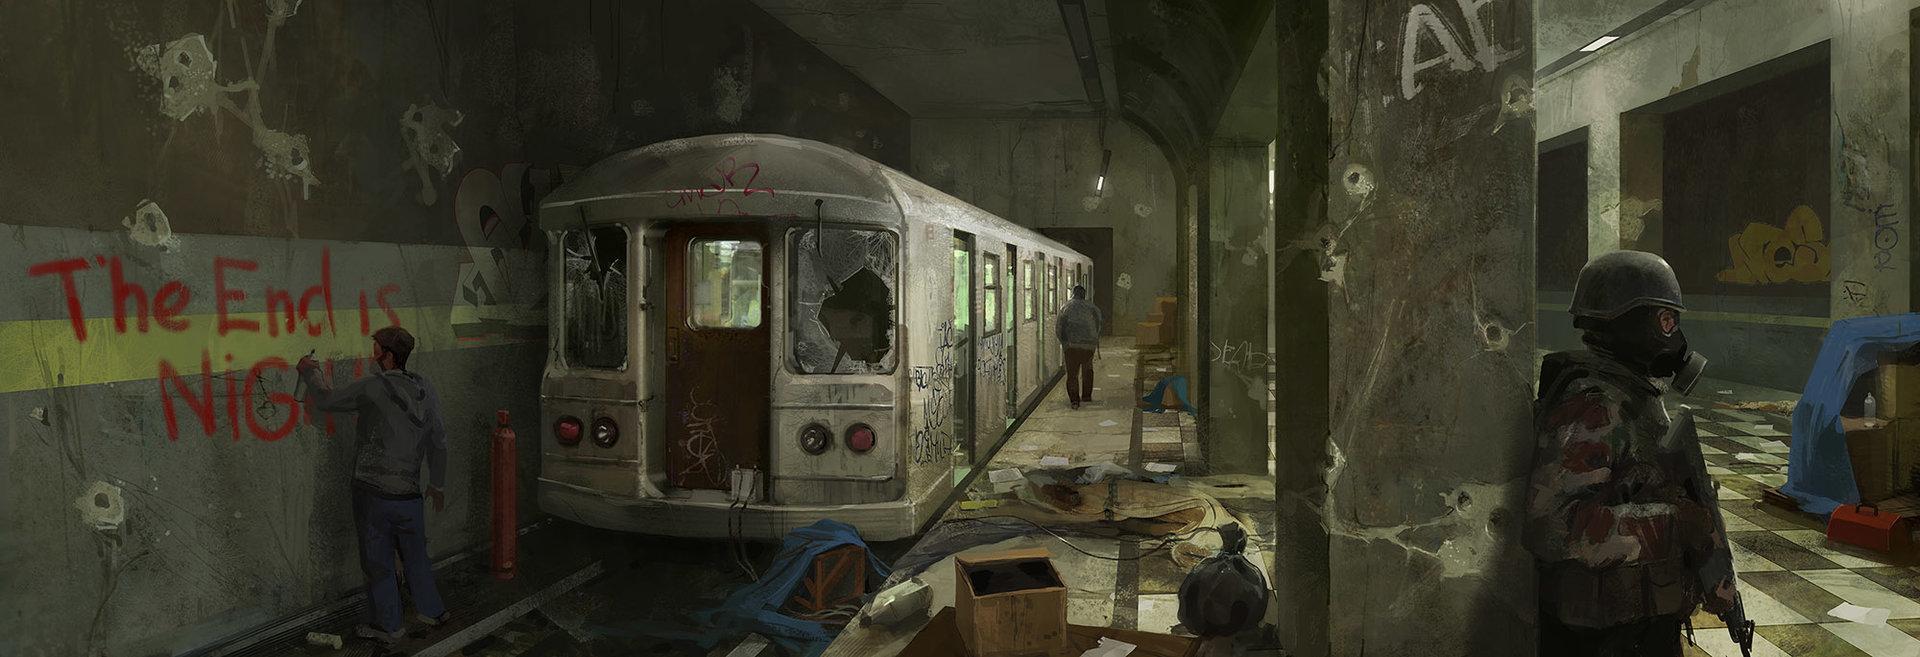 Alexander chelyshev subway station s